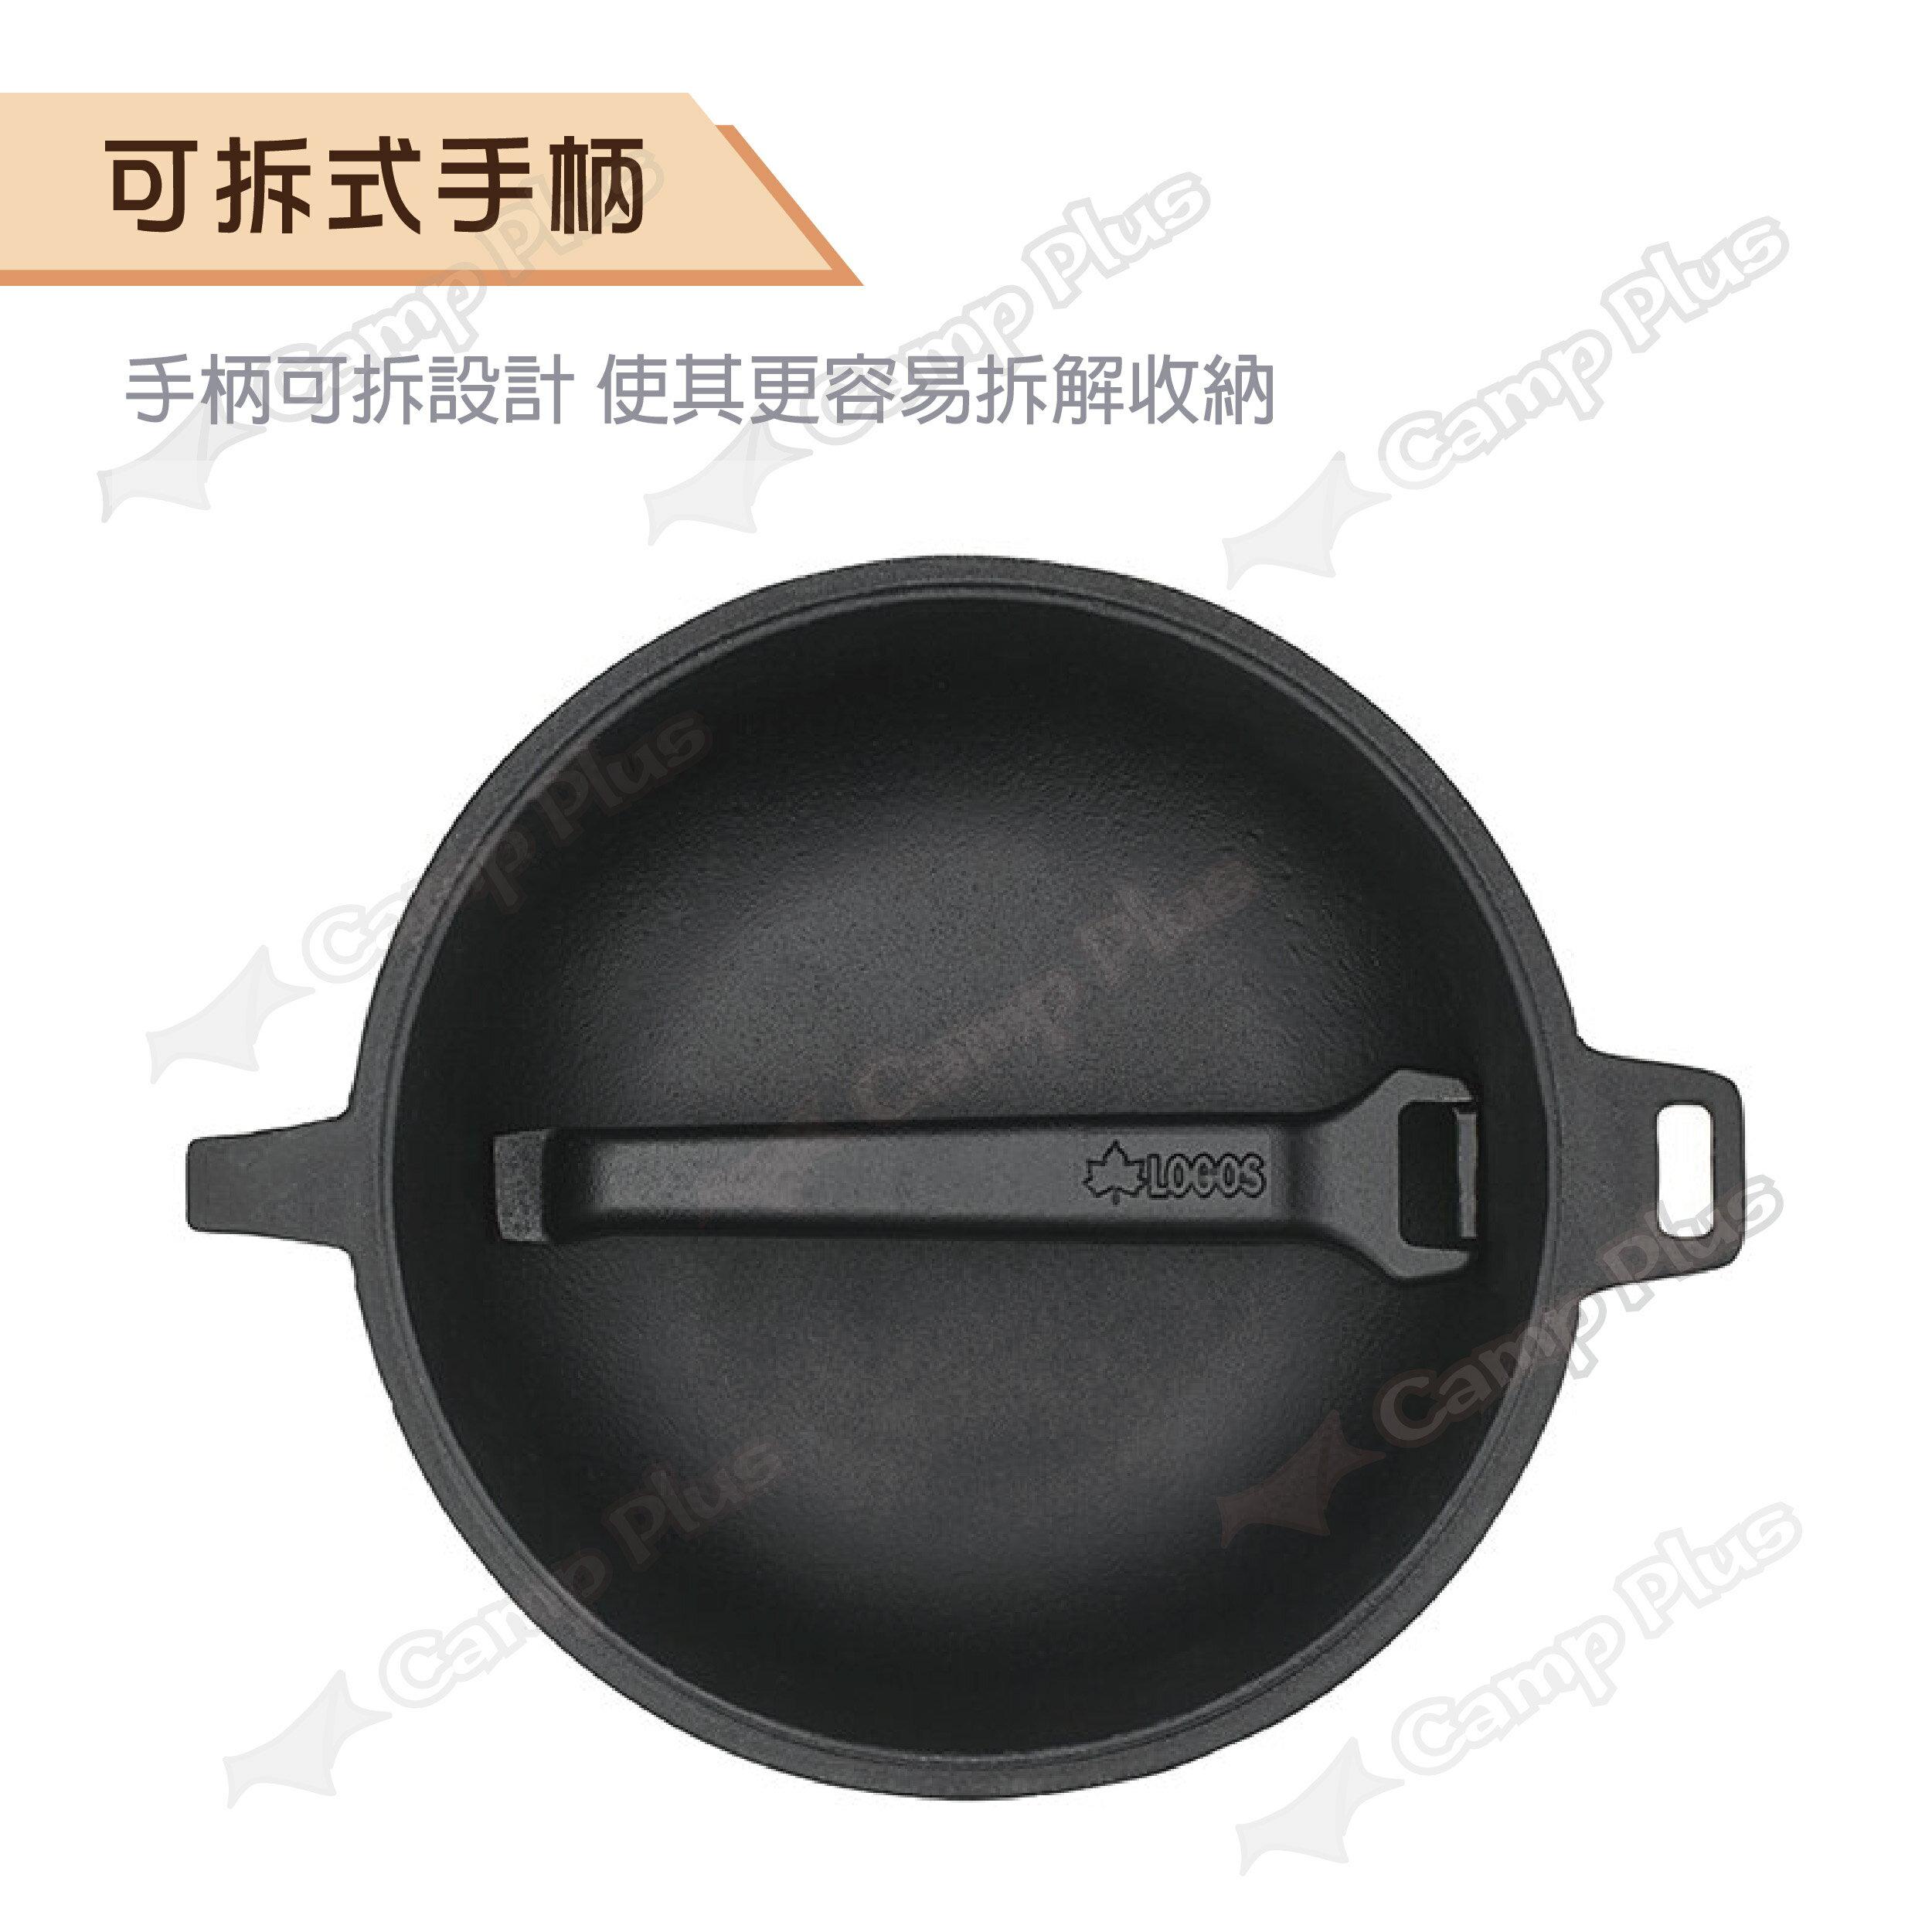 【日本LOGOS】 可合體鑄鐵深煎鍋M - LG81062236  煎鍋 鑄鐵鍋 荷蘭鍋 露營 野炊 【悠遊戶外】